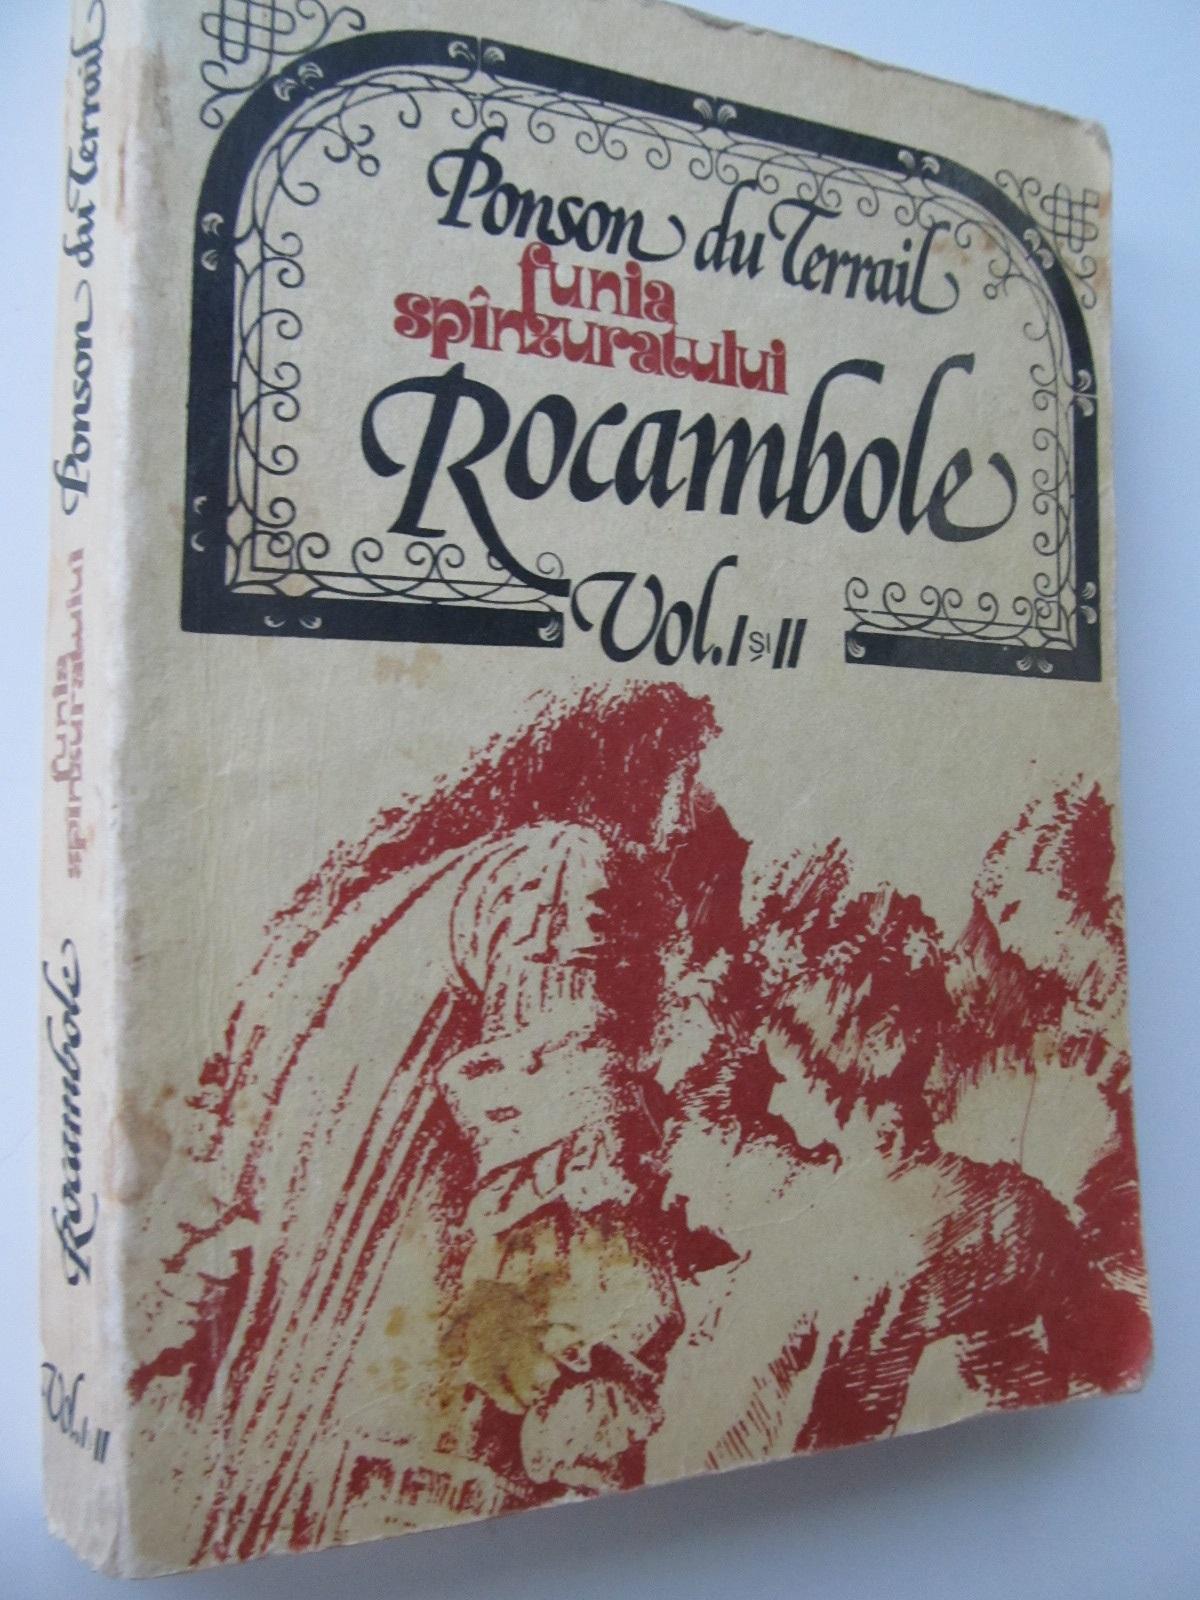 Rocambole - Funia spanzuratului (vol. I si II) - Ponson du Terrail | Detalii carte